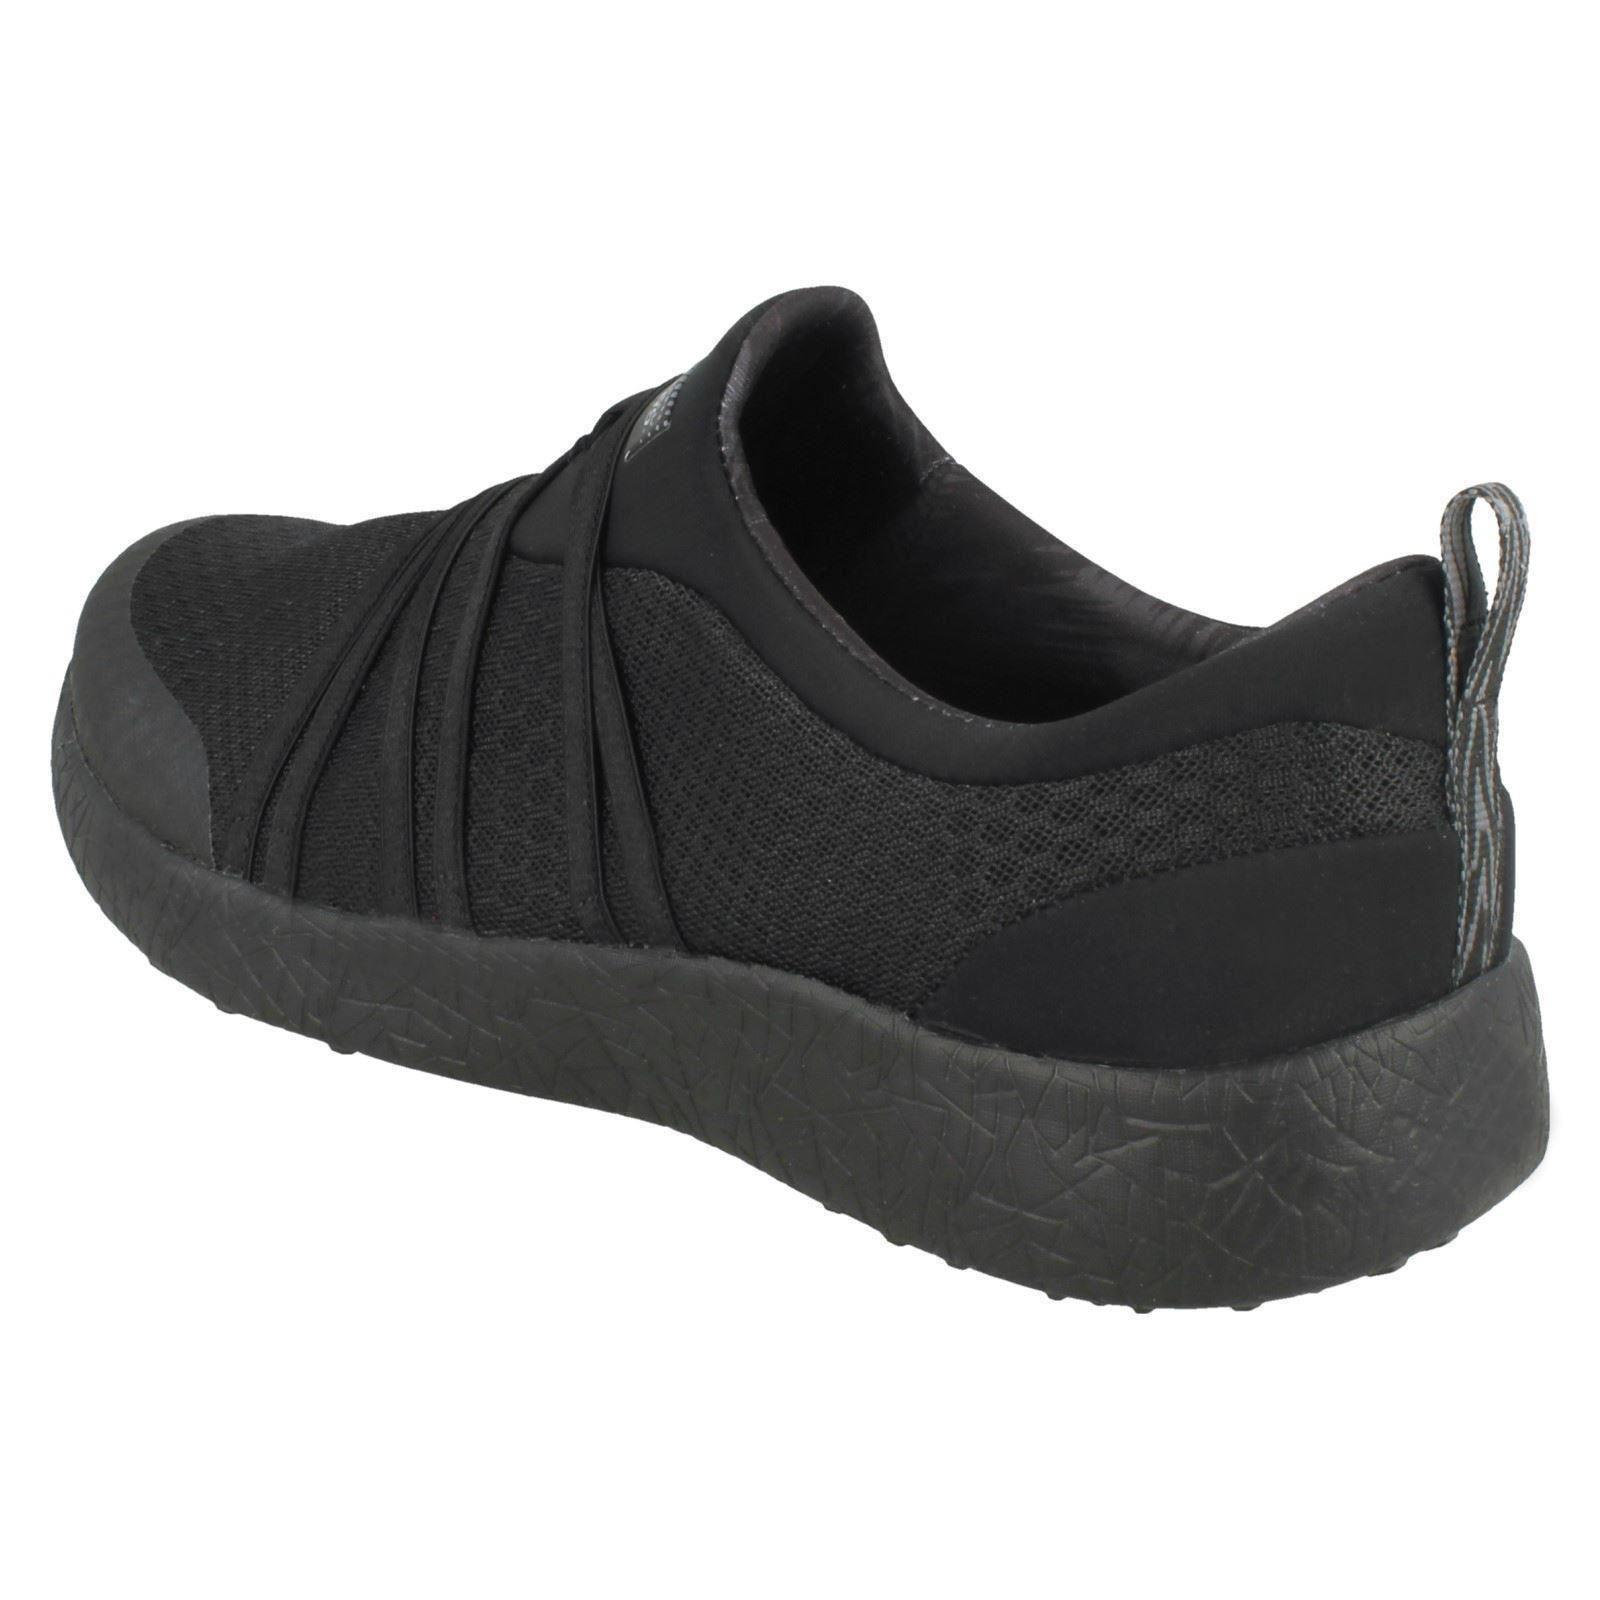 Daring Skechers Textile Very Detail 12735 Black Med Sneakers Multi Ladies Strap dpRxU8q4w